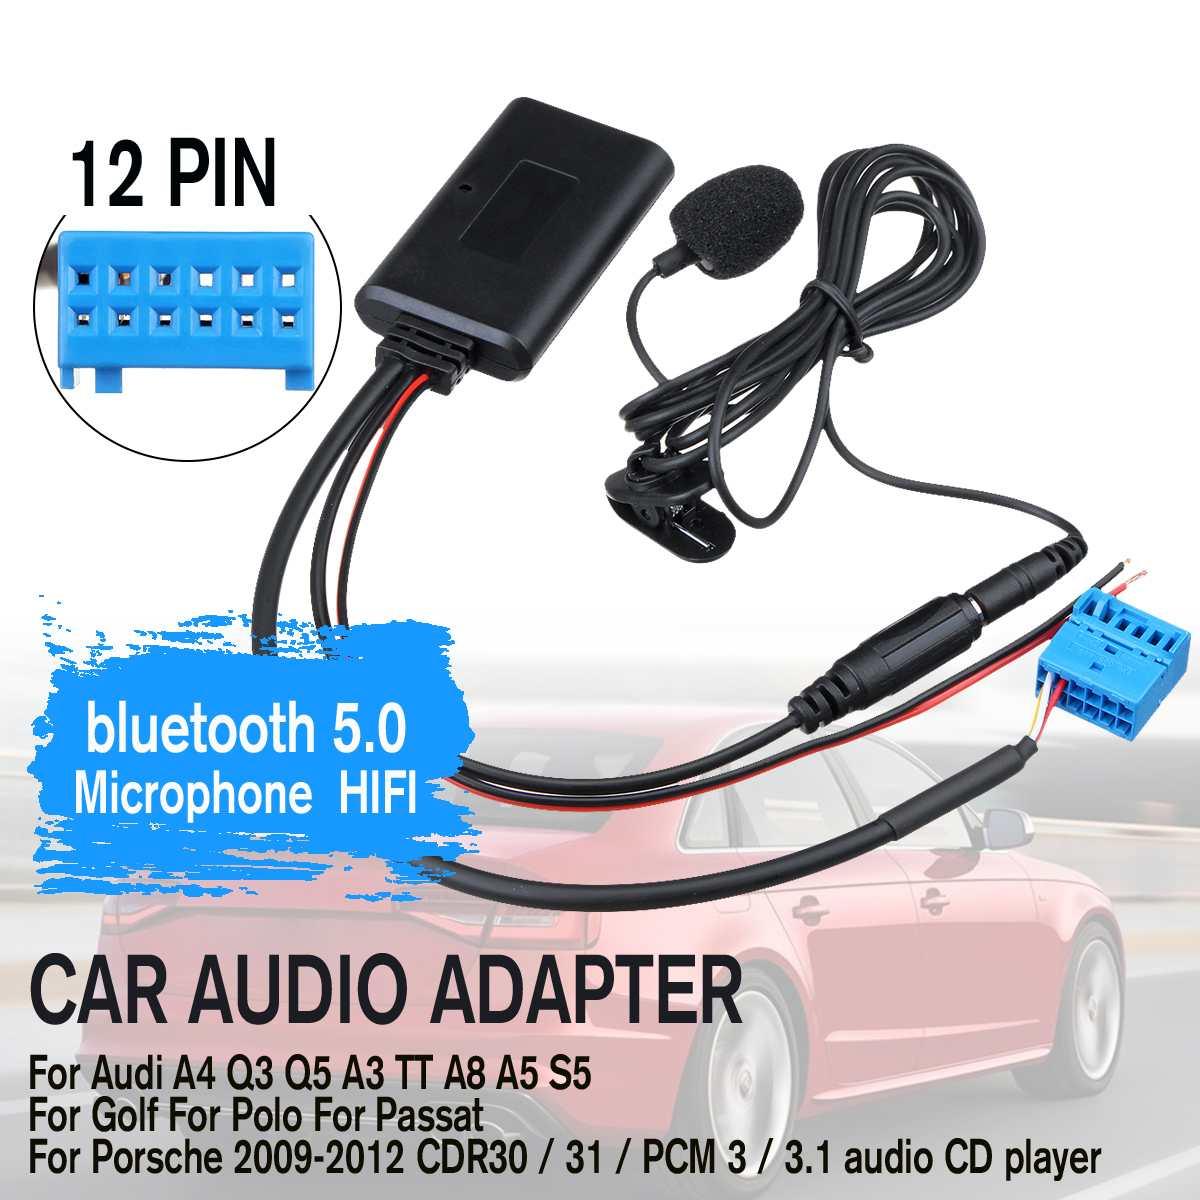 HIFI беспроводная передача музыки автомобильный аудио bluetooth кабель адаптер микрофон для Audi A4 Q3 Q5 A3 TT A8 A5|Автомобильный комплект Bluetooth|   | АлиЭкспресс